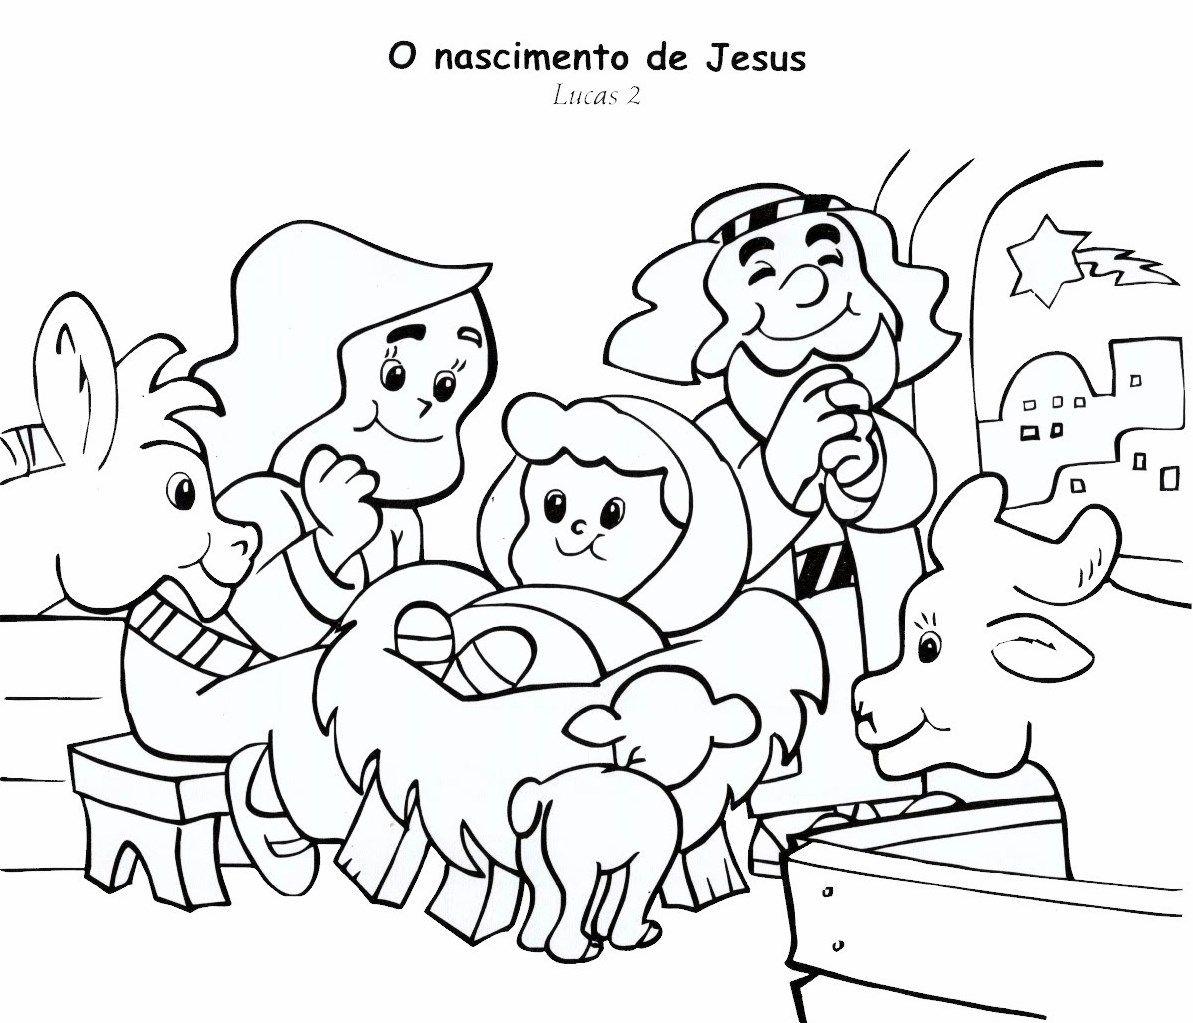 Muito Blog Tia Alê, educação cristã, ministério infantil, aulas  YG82